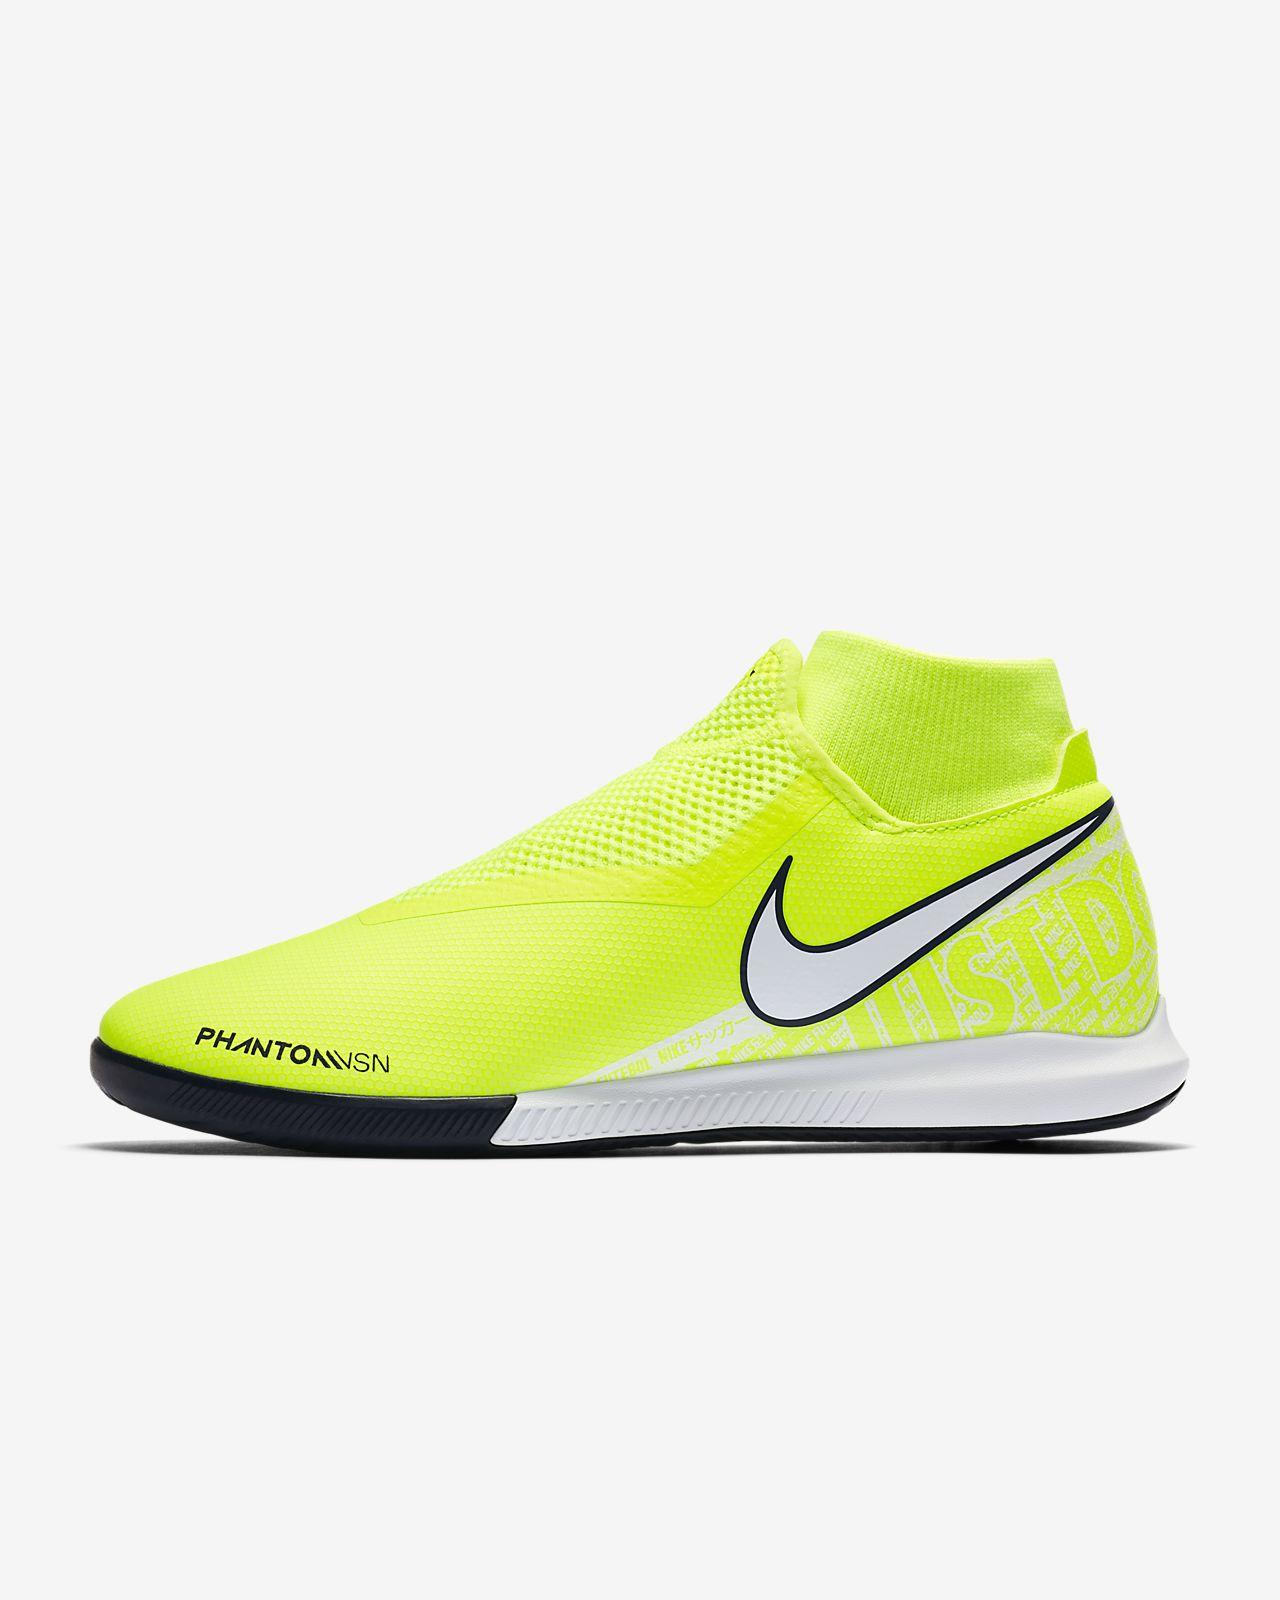 Nike Phantom Vision Academy Dynamic Fit IC Fußballschuh für Hallen- und Hartplatz